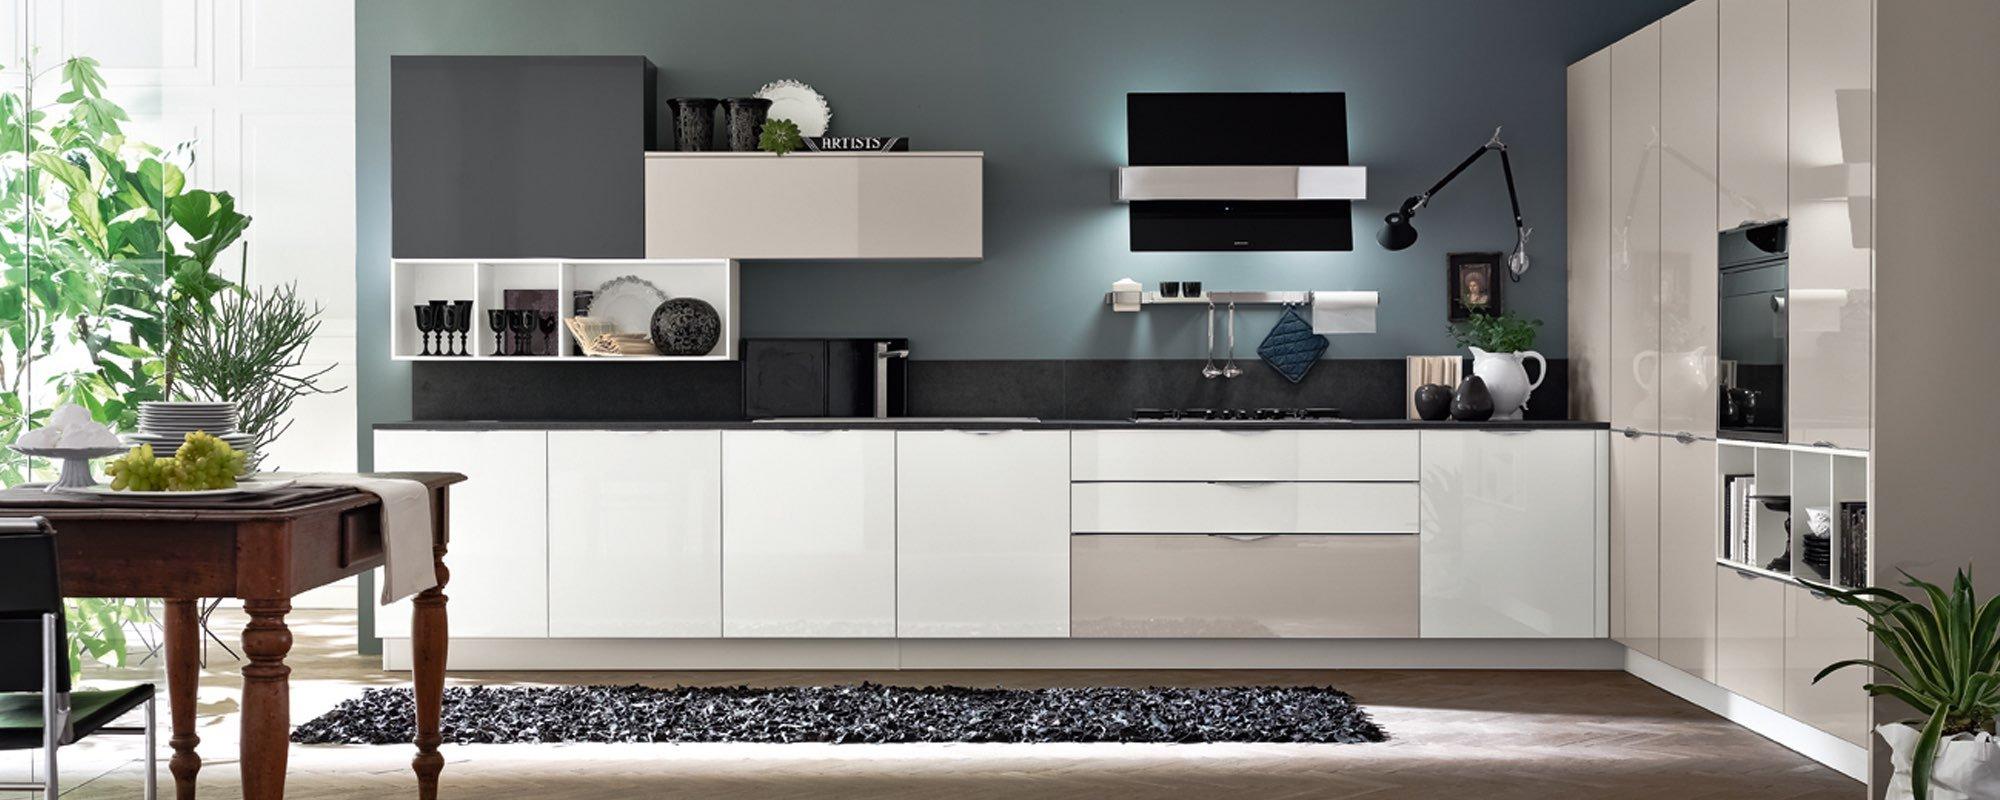 cucina moderna in legno laccata lucida con tappeto, tavolo in legno e sedia - ALEVE